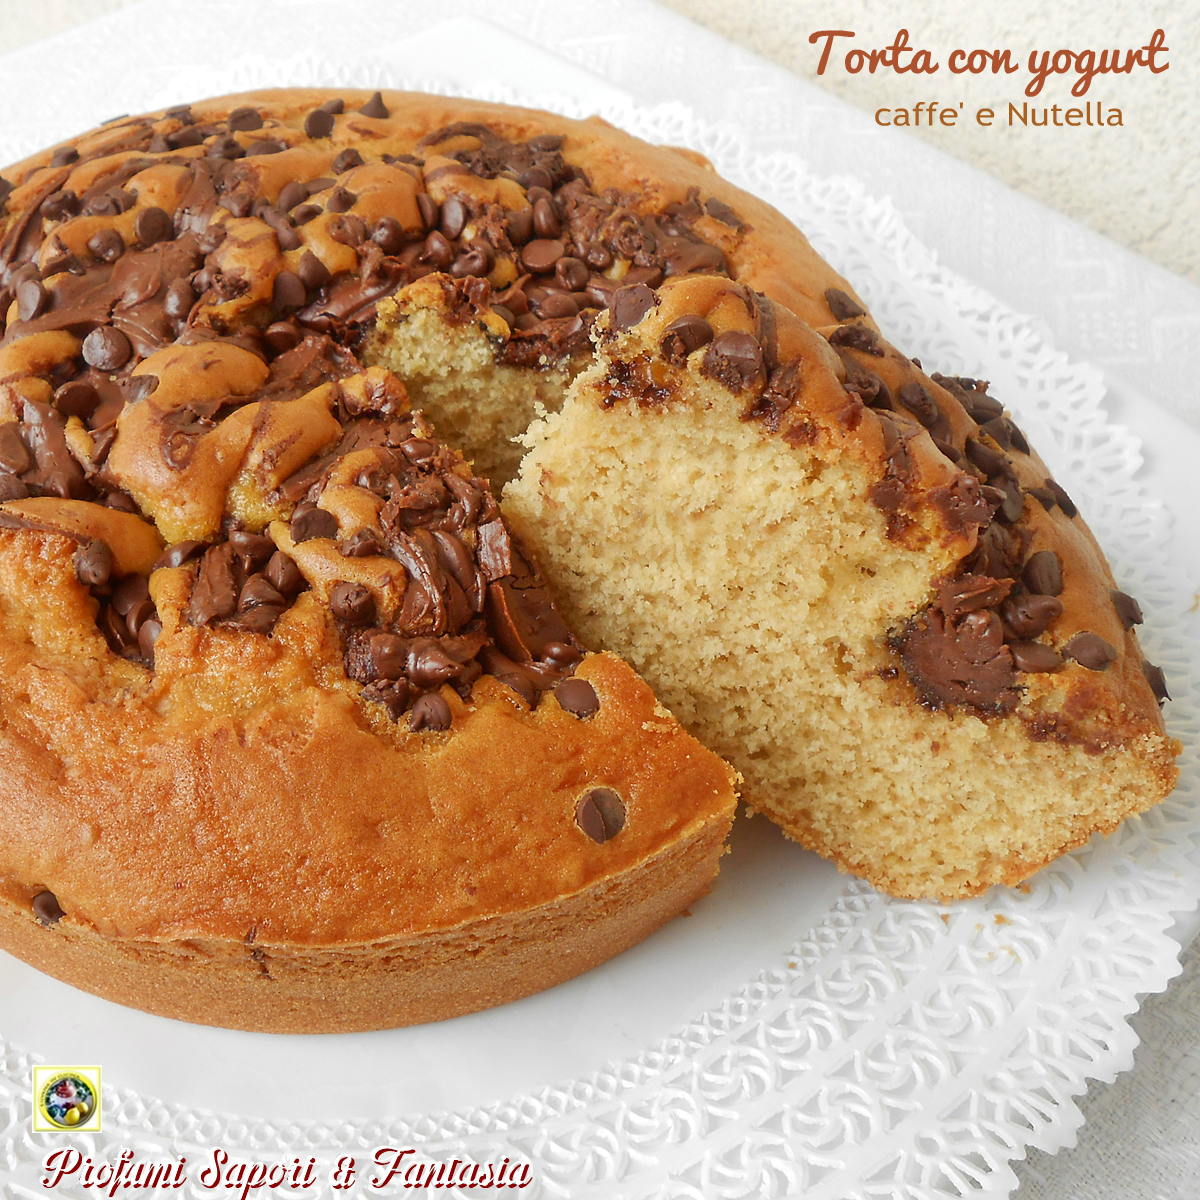 Torta con yogurt caffè e Nutella